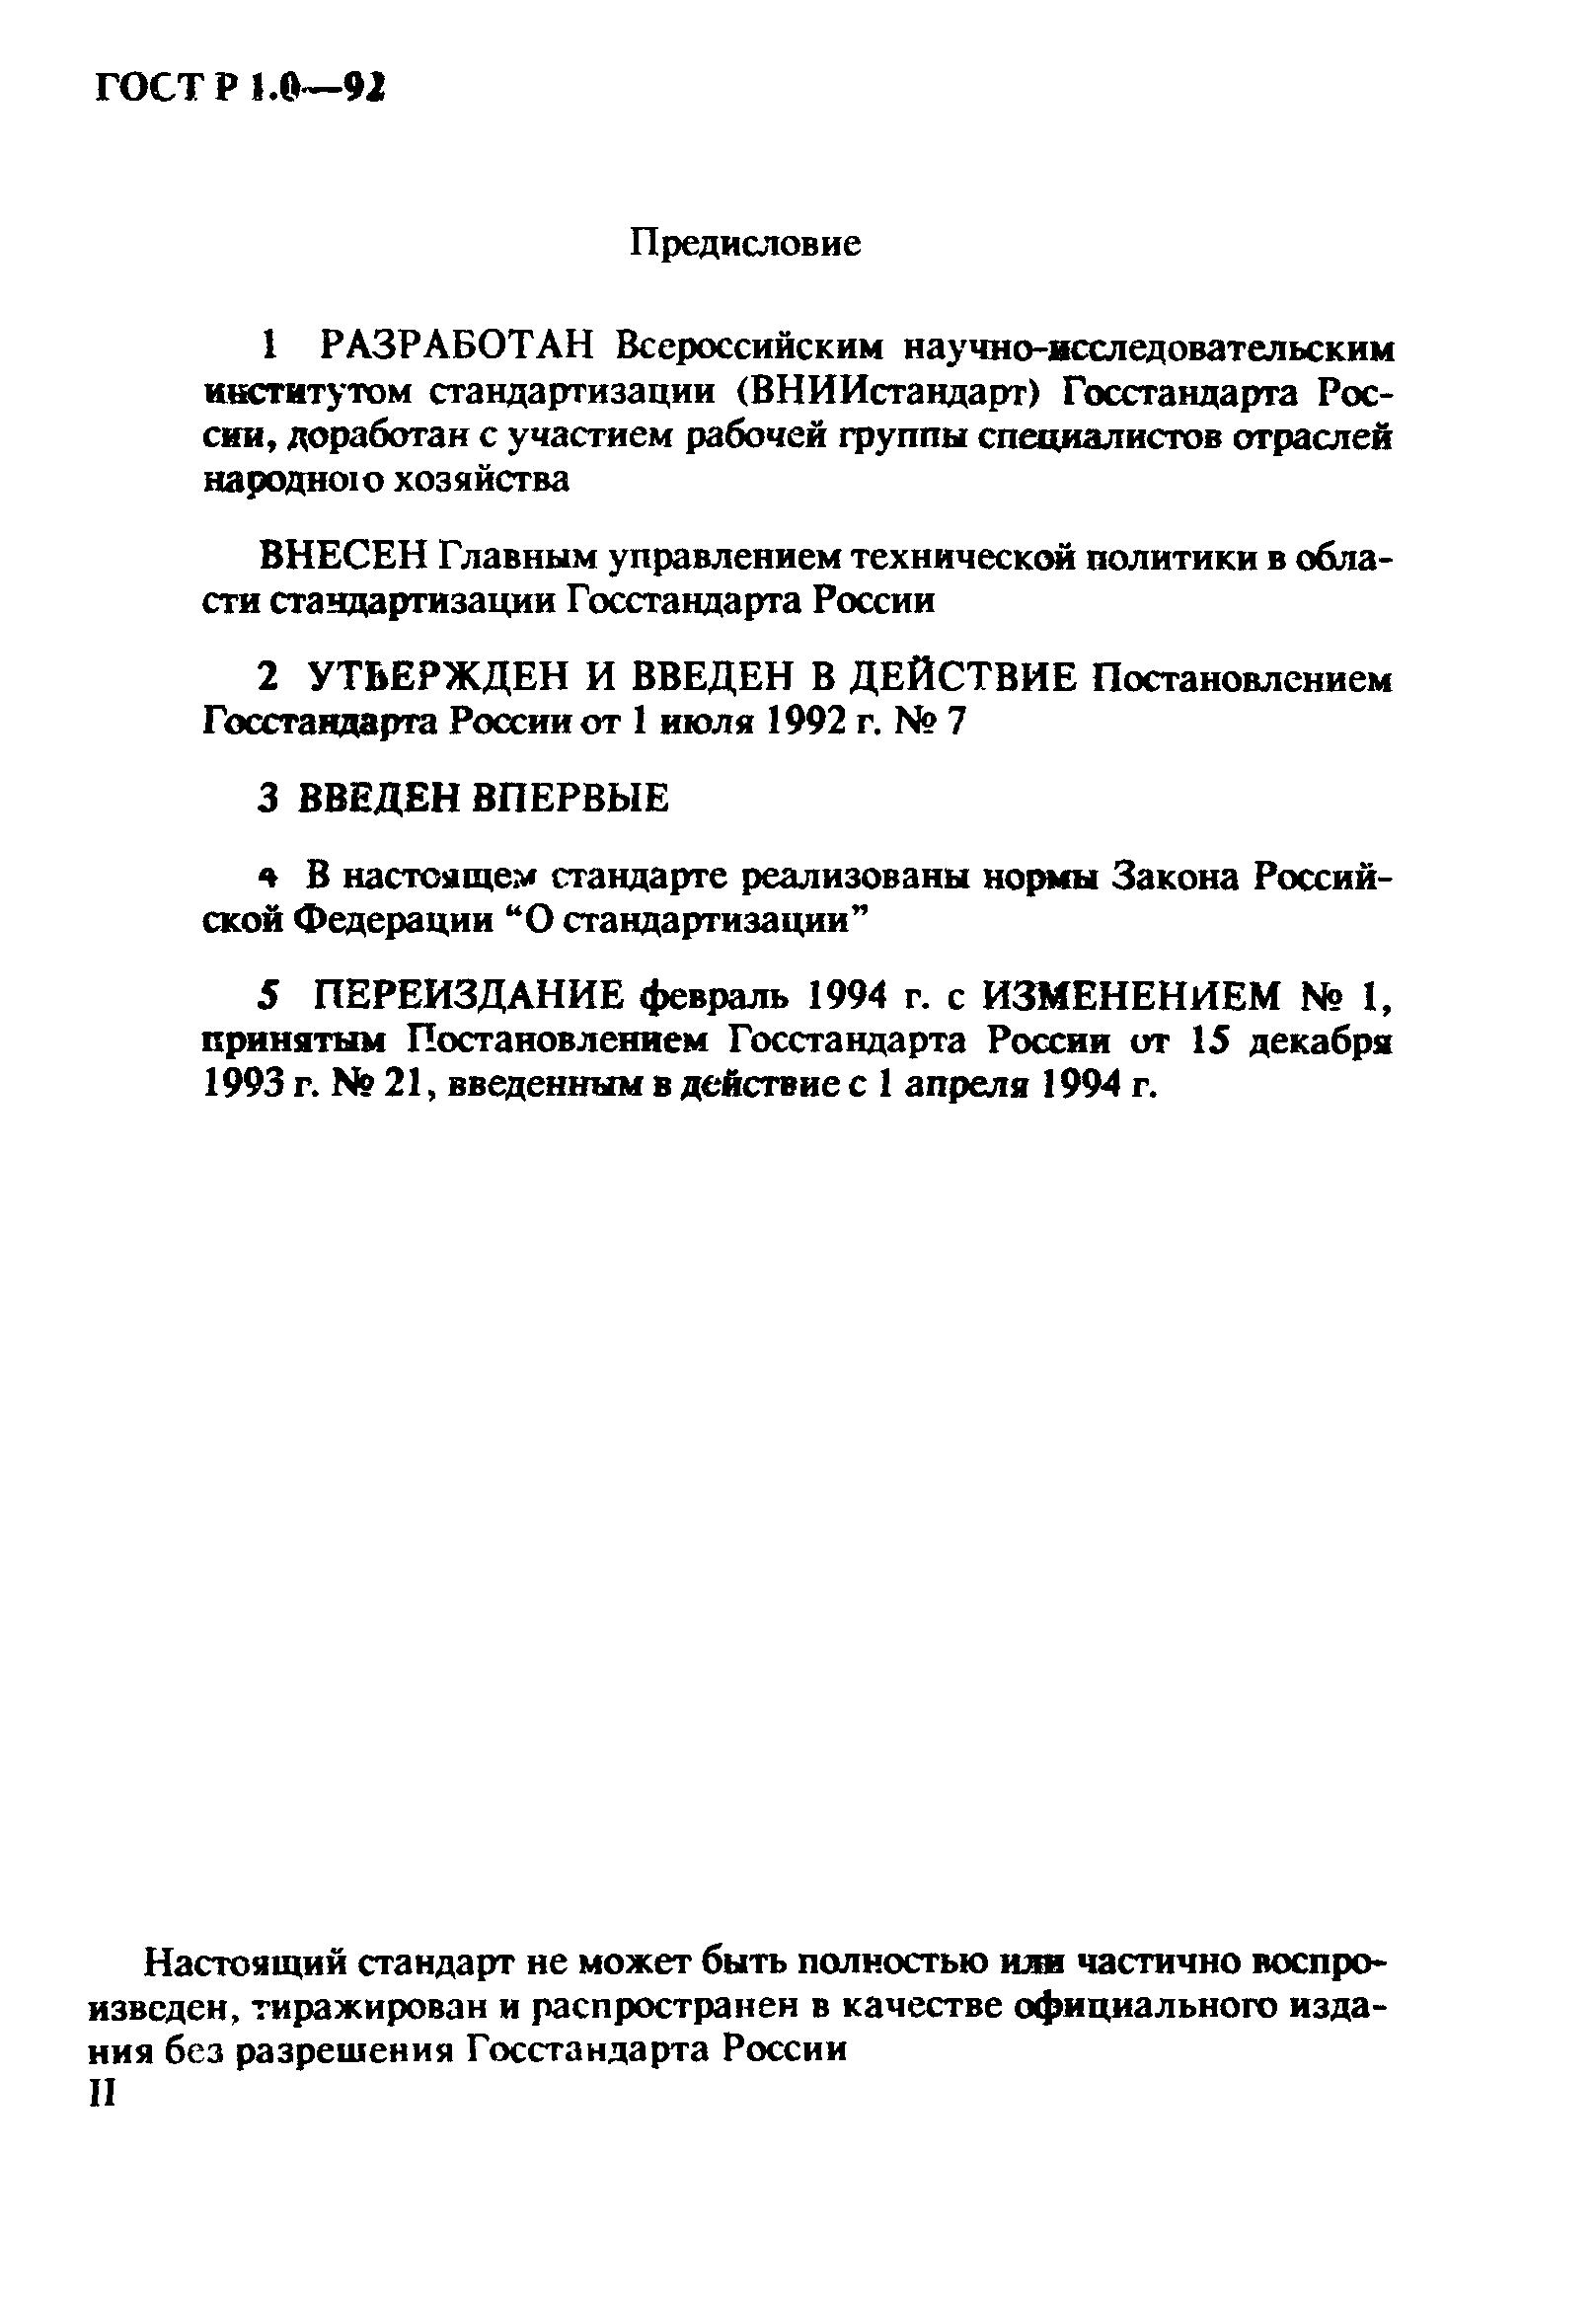 действие гостов в российской федерации